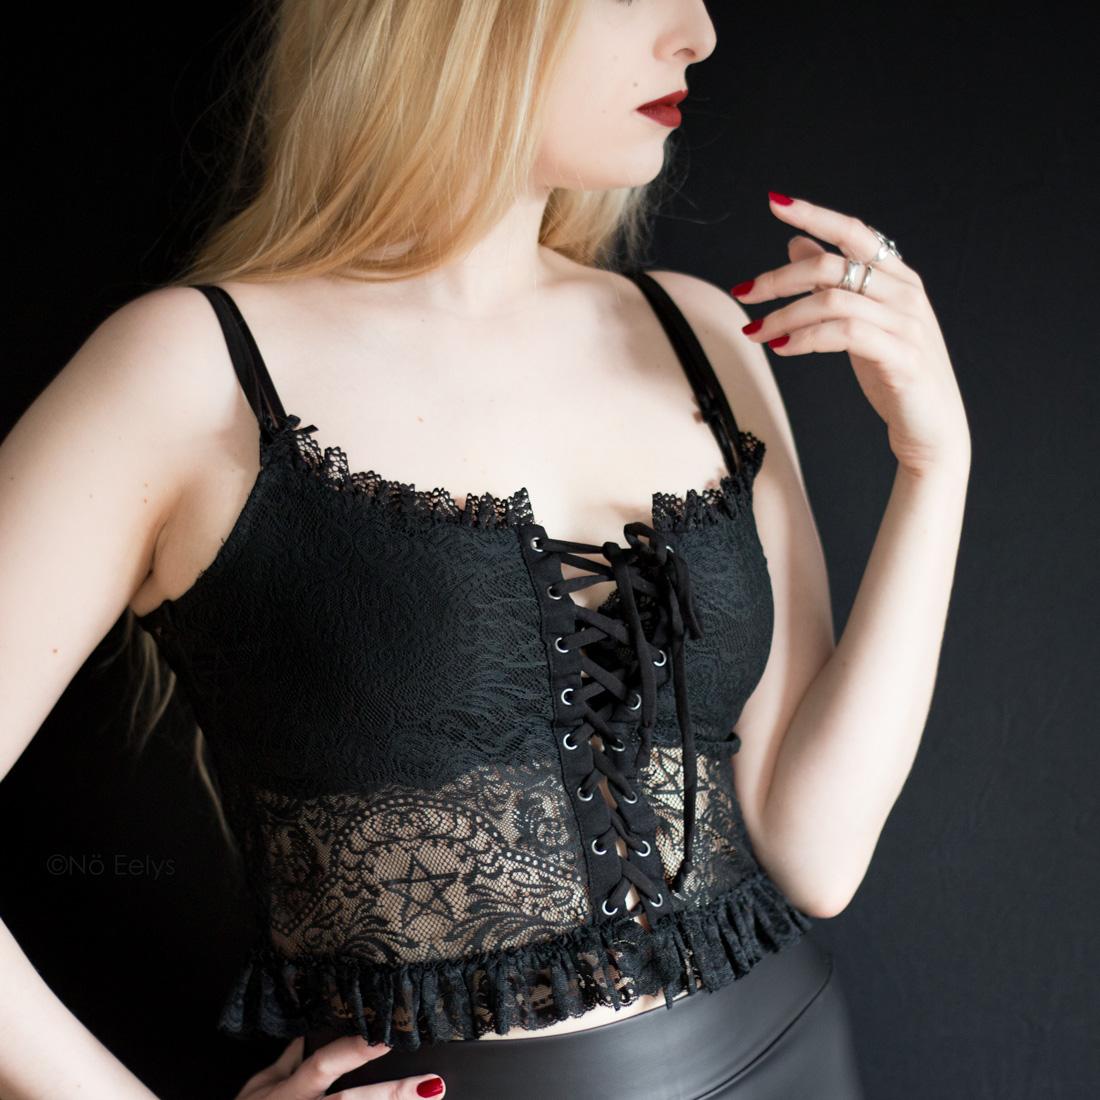 Killstar Sabina Lace Top petit haut gothique été dentelle lacets Avis Le Boudoir de No Eelys blog gothique